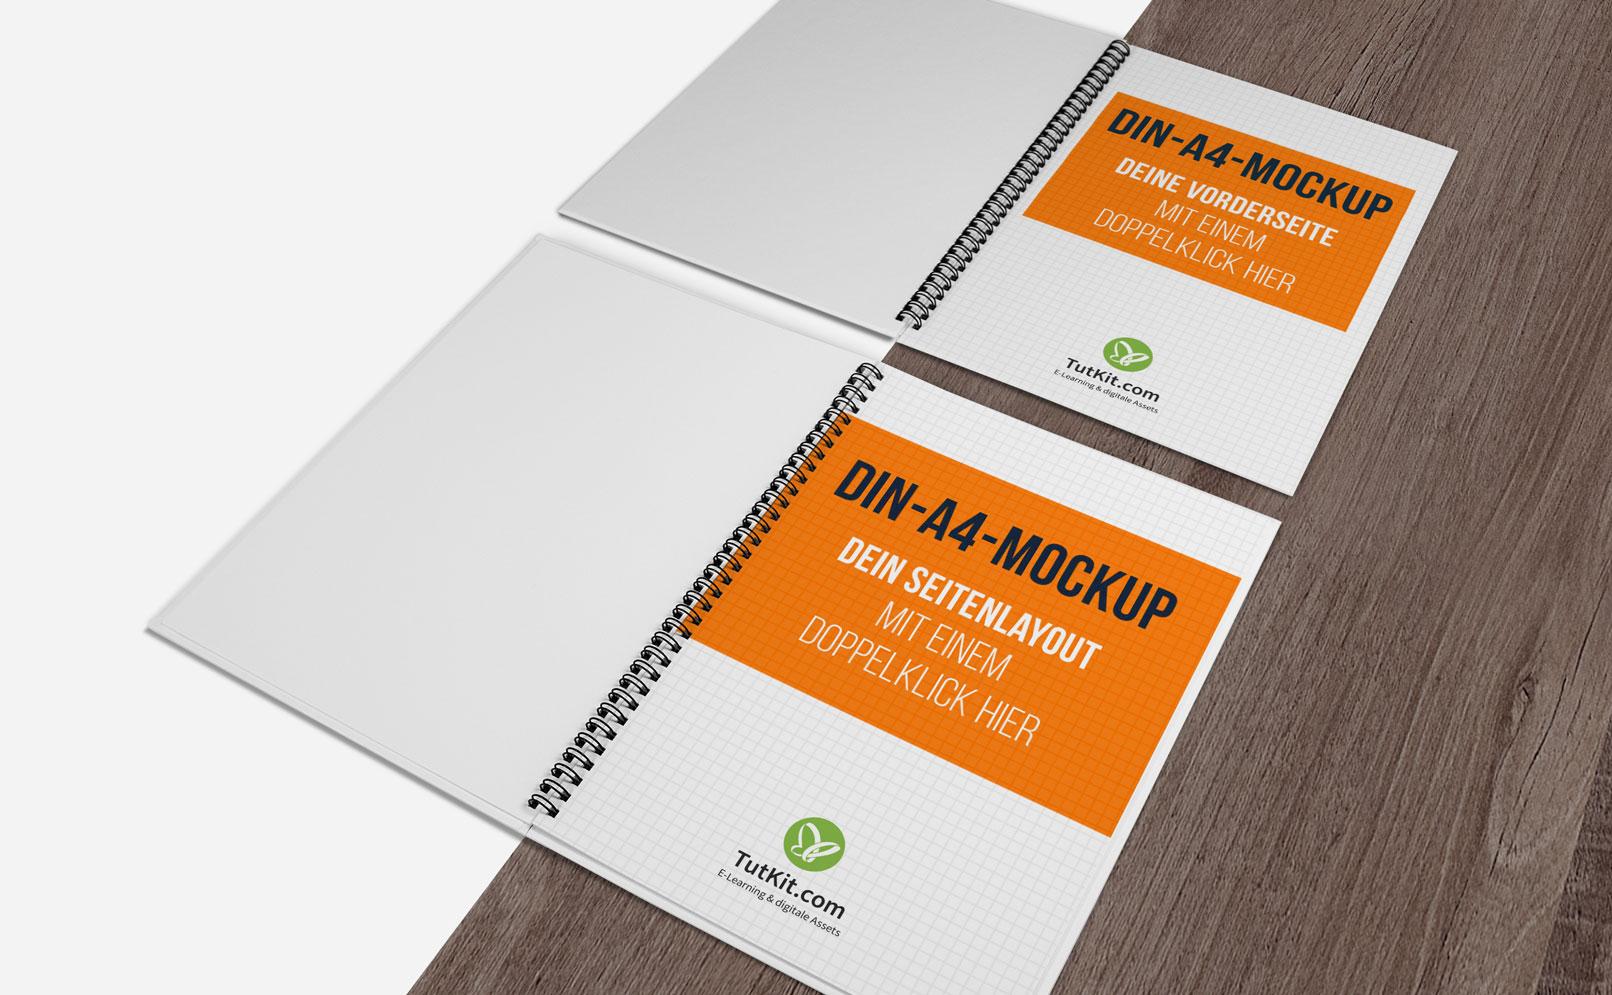 Mockup für Hochformat-Hardcover-Broschüren mit Spiralbindung